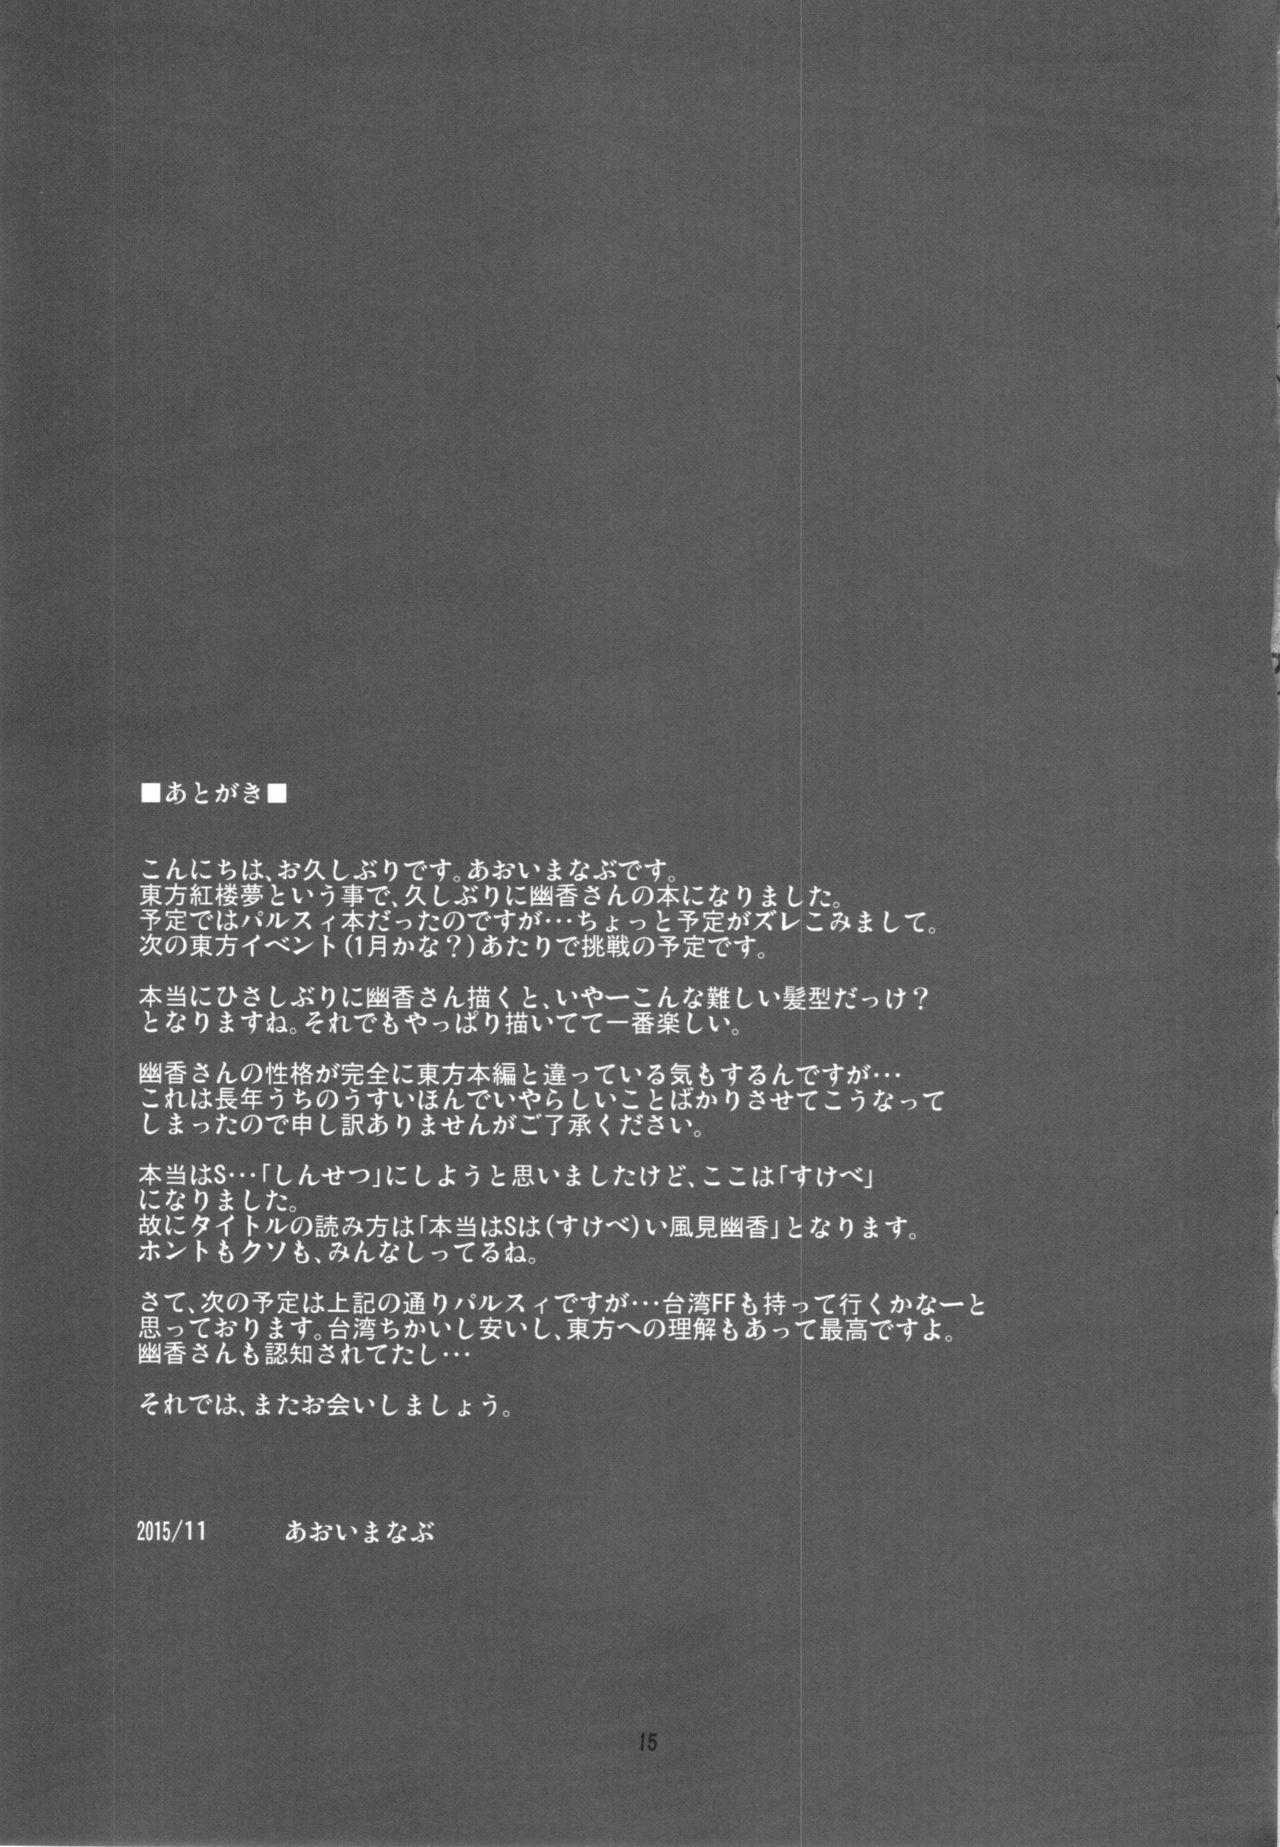 Hontou wa S-i Kazami Yuuka 16